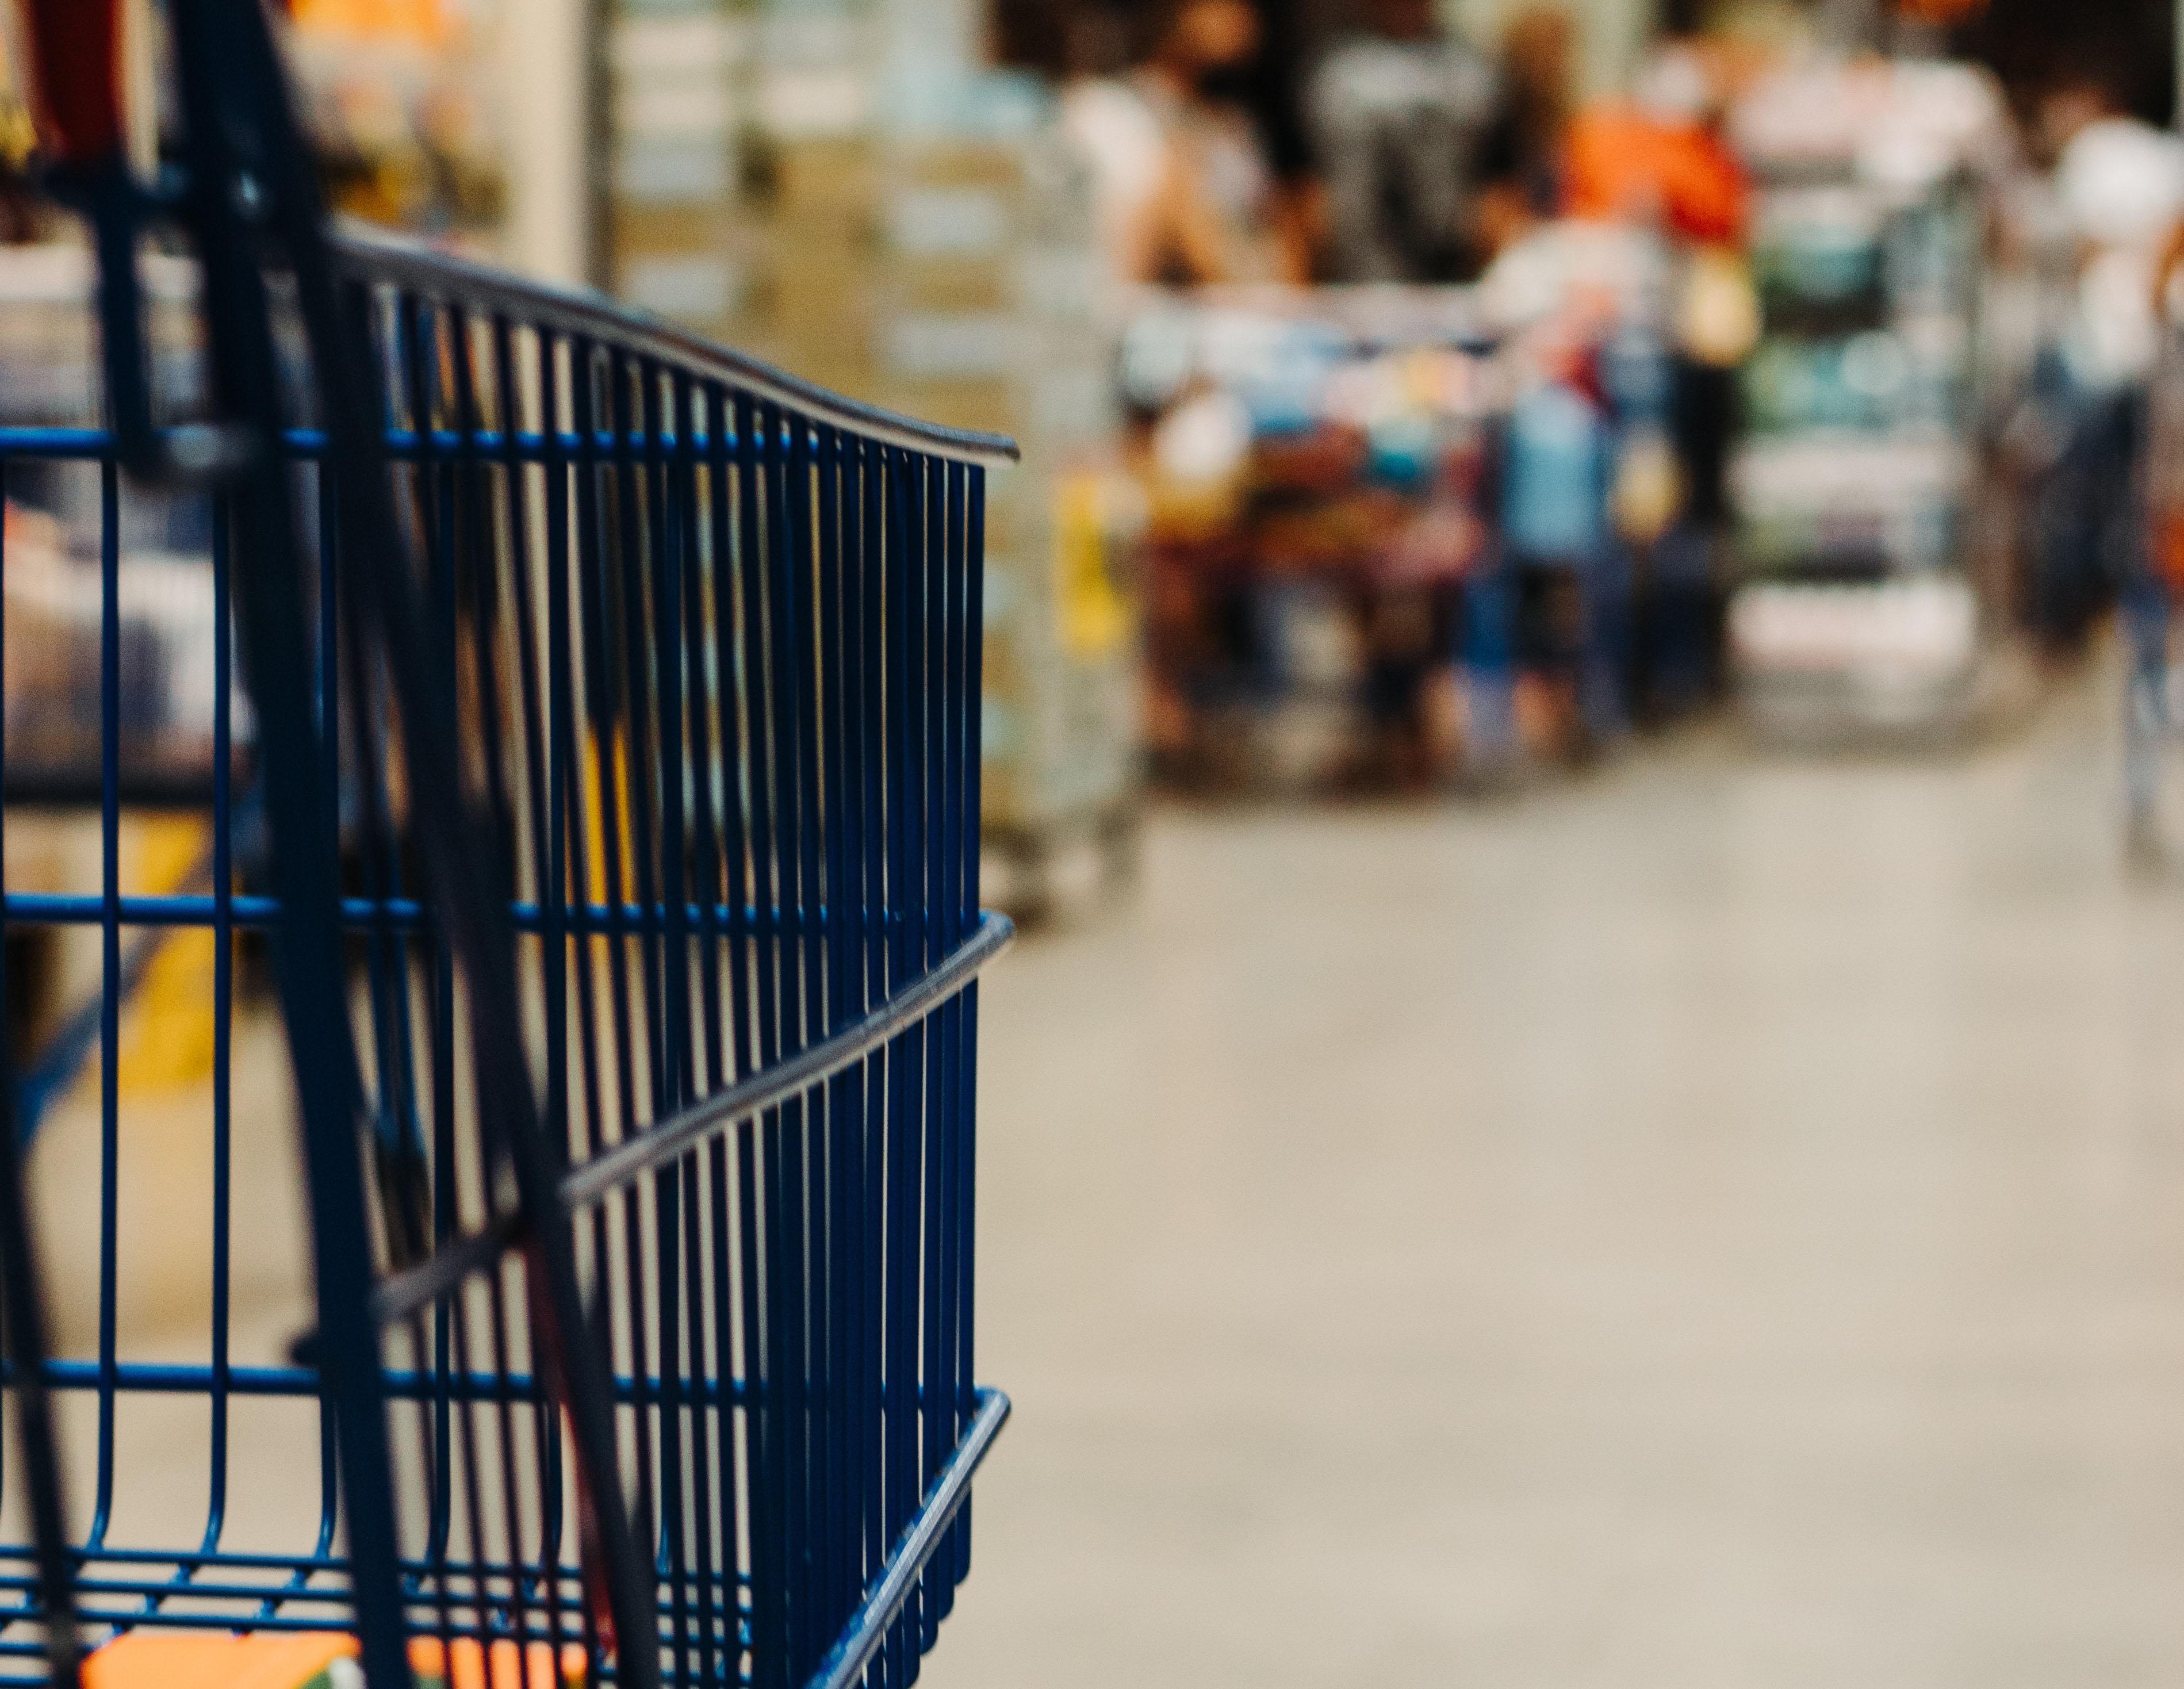 new twist grocery cart